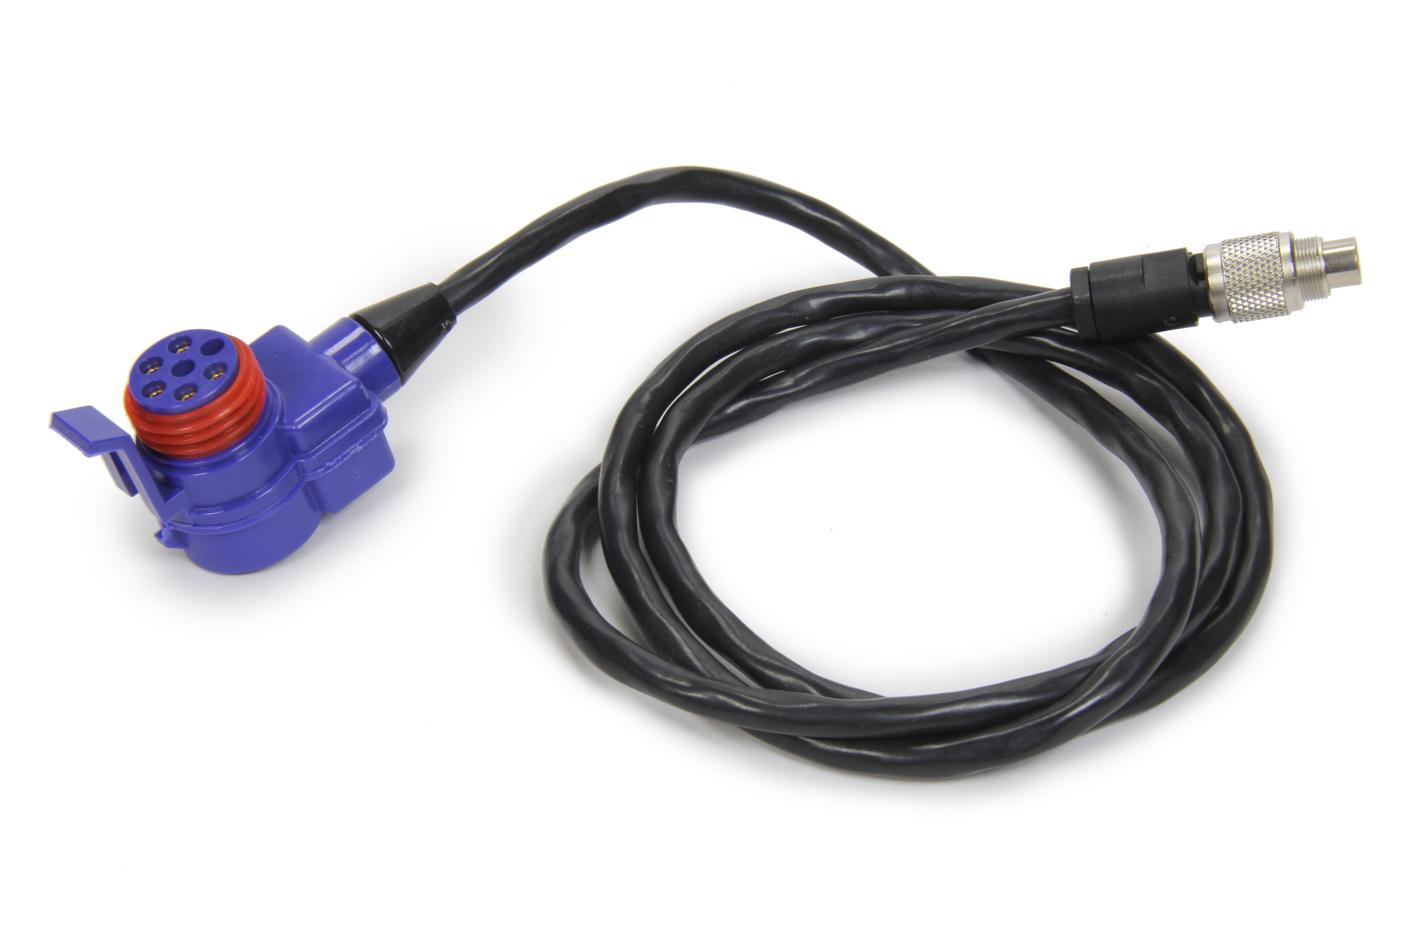 Racepak 280-CA-BN-T36 Data Transfer Cable, Smartwire to V-Net, 3 ft Long, Racepak V-Net System, Each